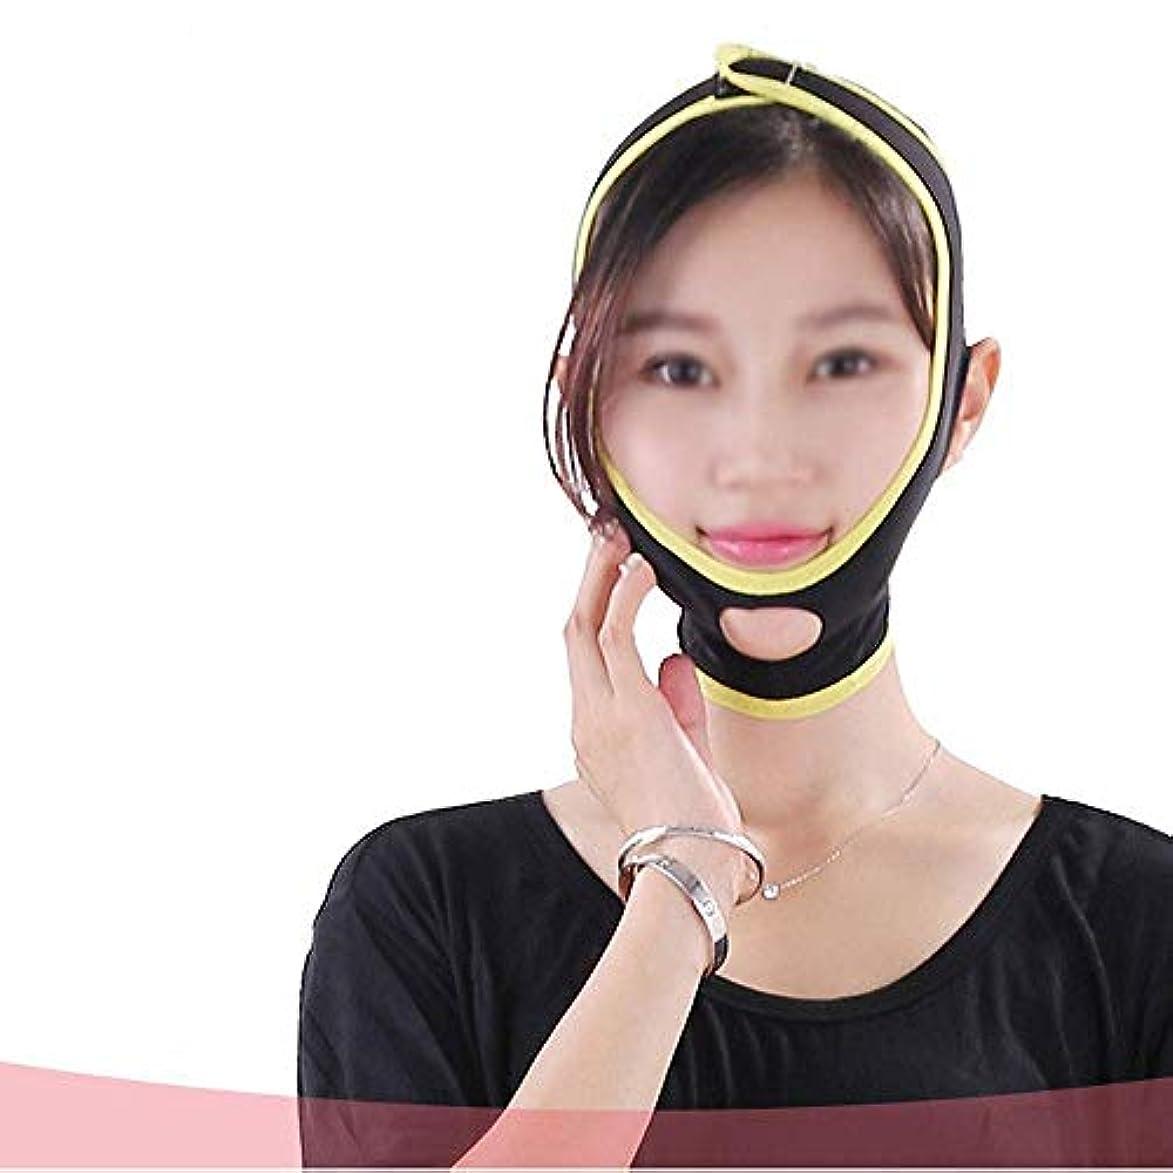 検体進捗一定睡眠用フェイスマスク、薄い顔の包帯、小さな顔Vの顔、薄い顔、フェイスリフト付き(サイズ:M)